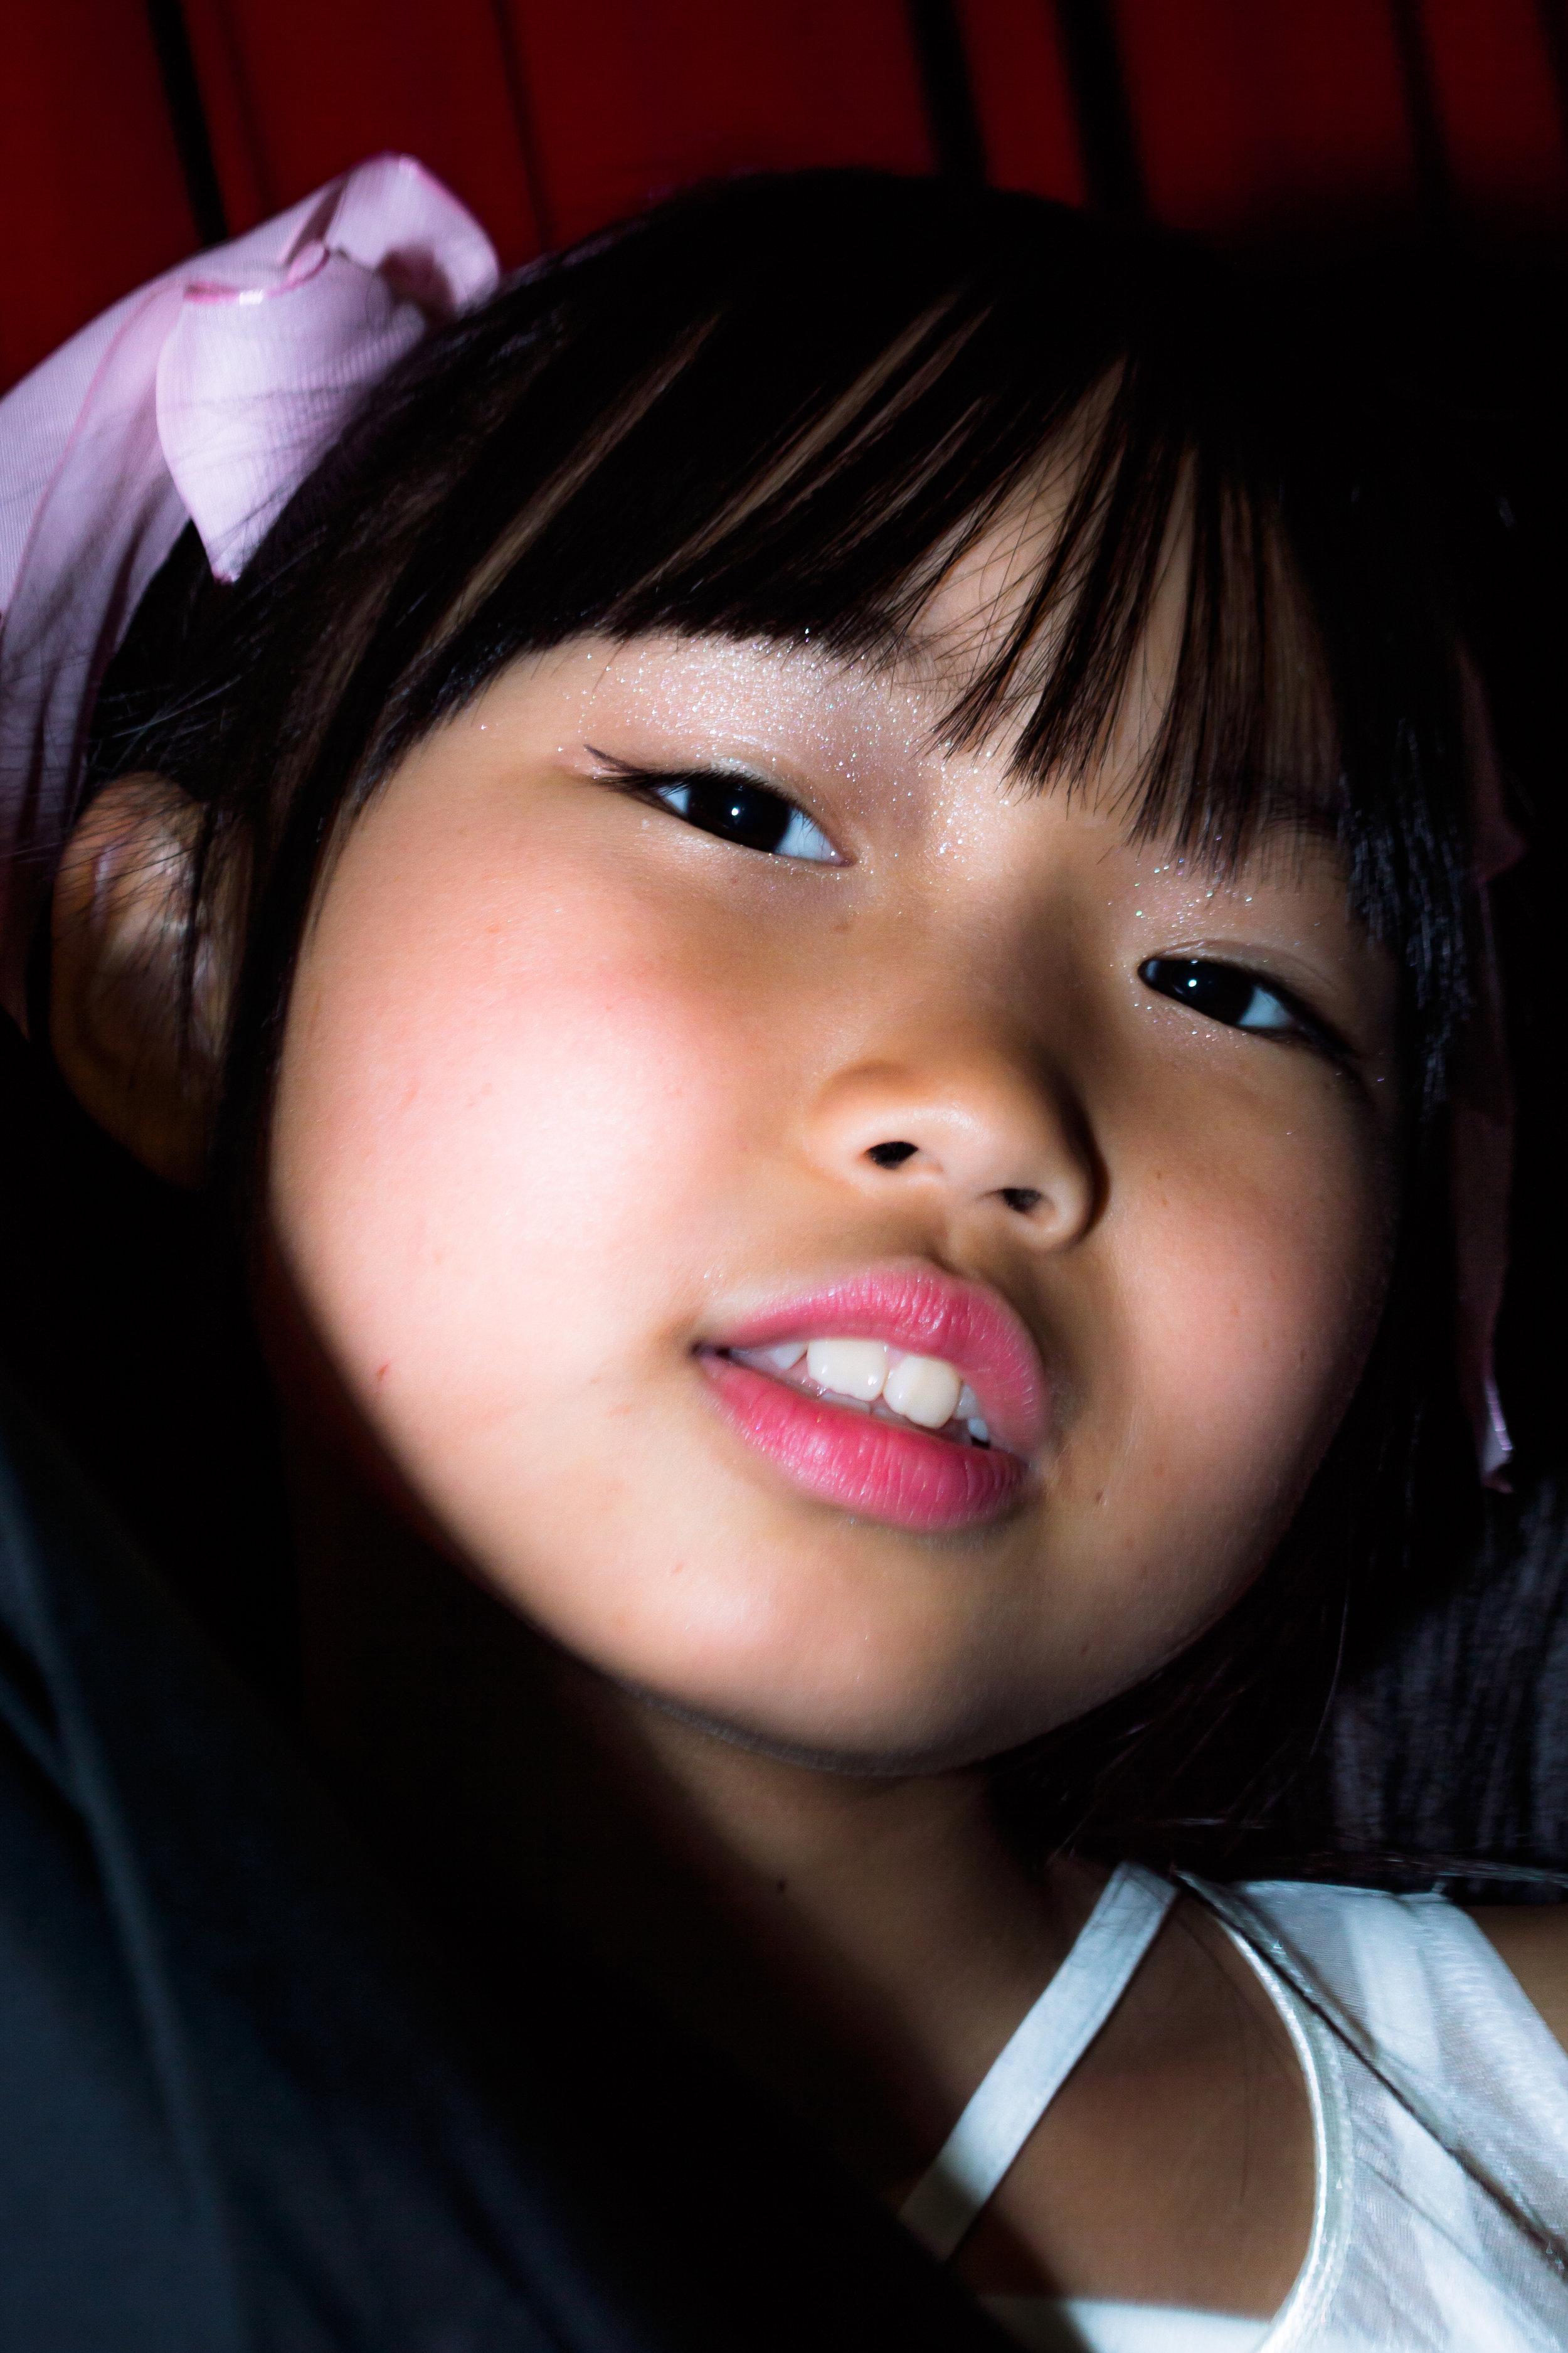 DSC_0629ecr1.jpg